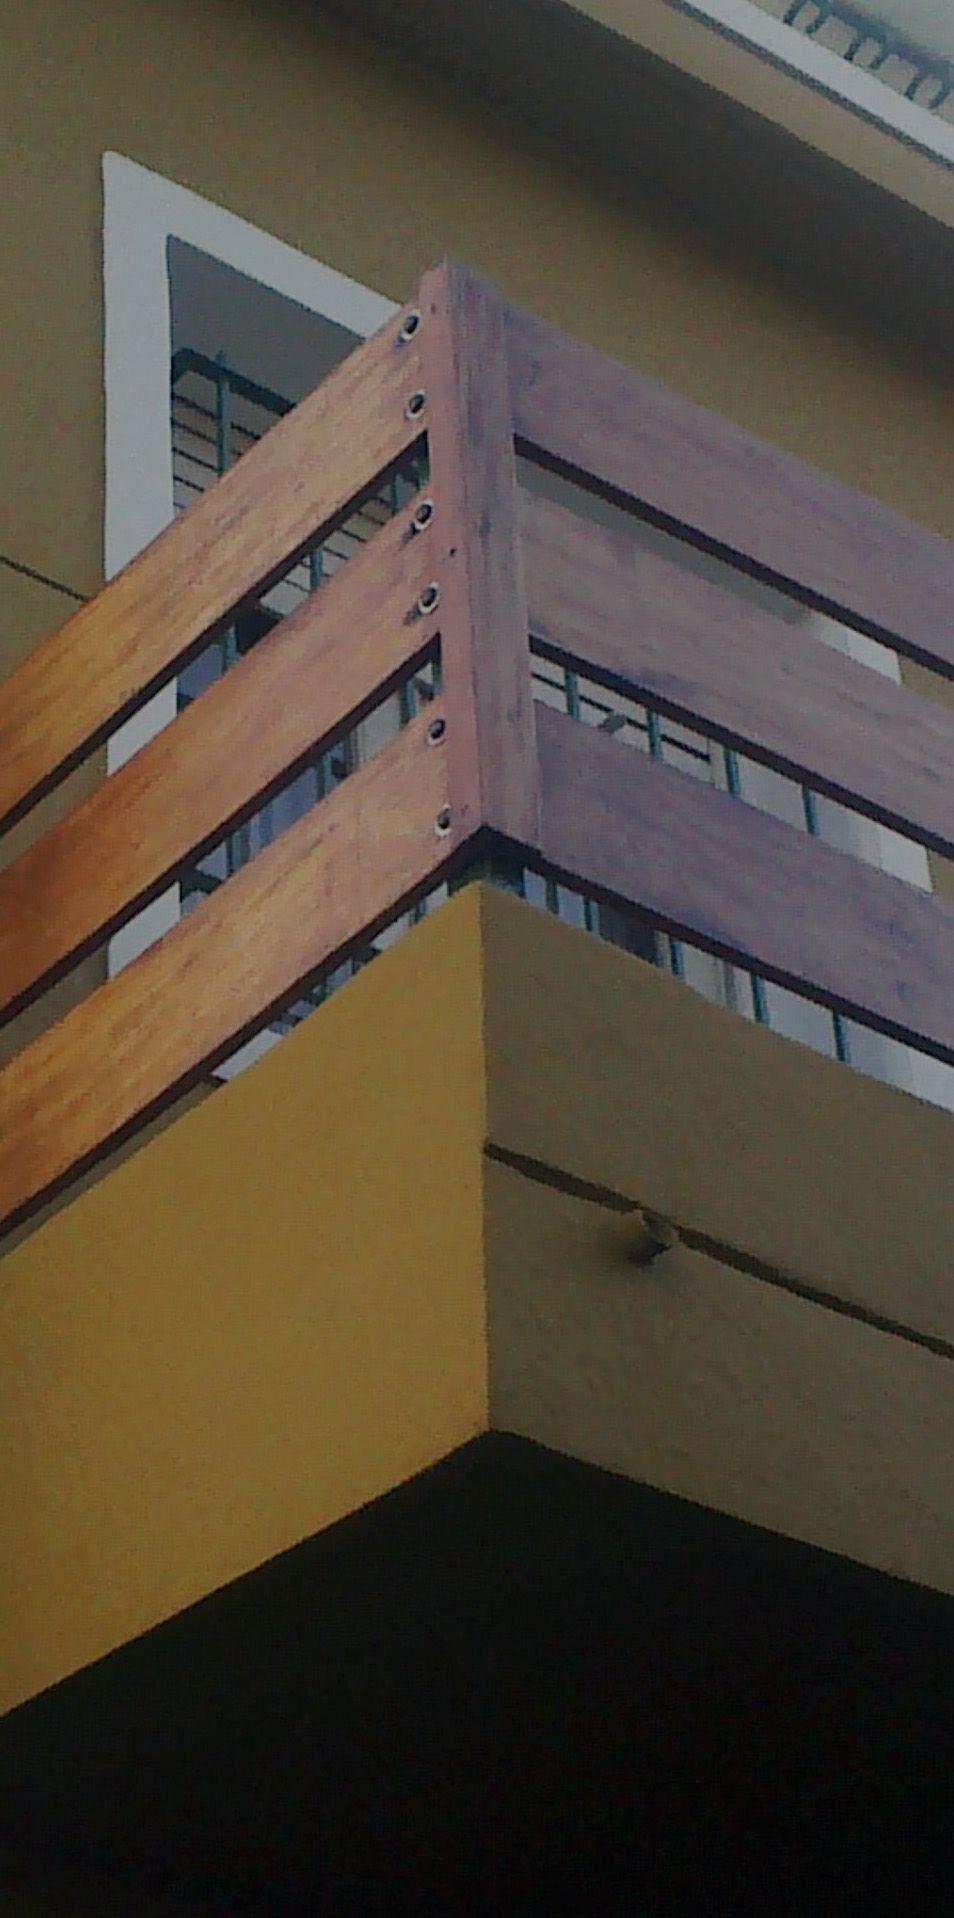 Baranda de madera en balc n vestidor ni as baran - Baranda de madera ...